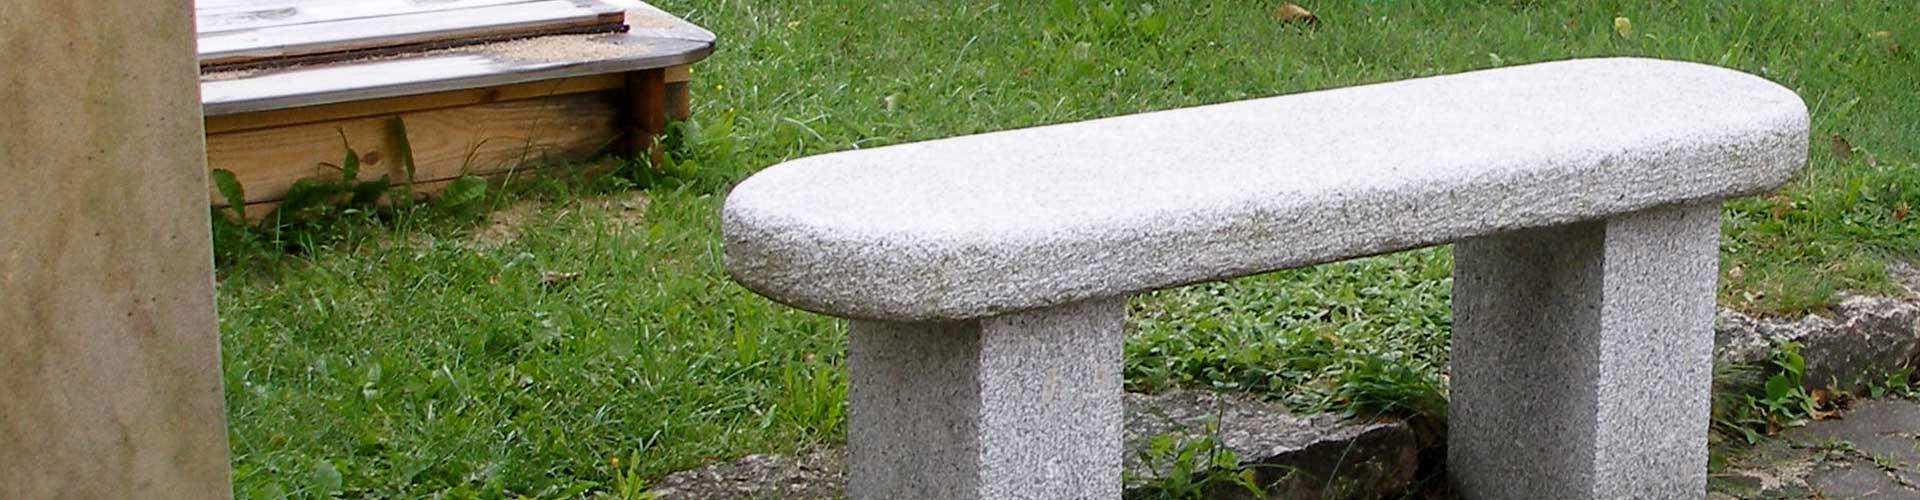 garten herrieden | garten bechhofen | steinmetzwerkstätte gessler